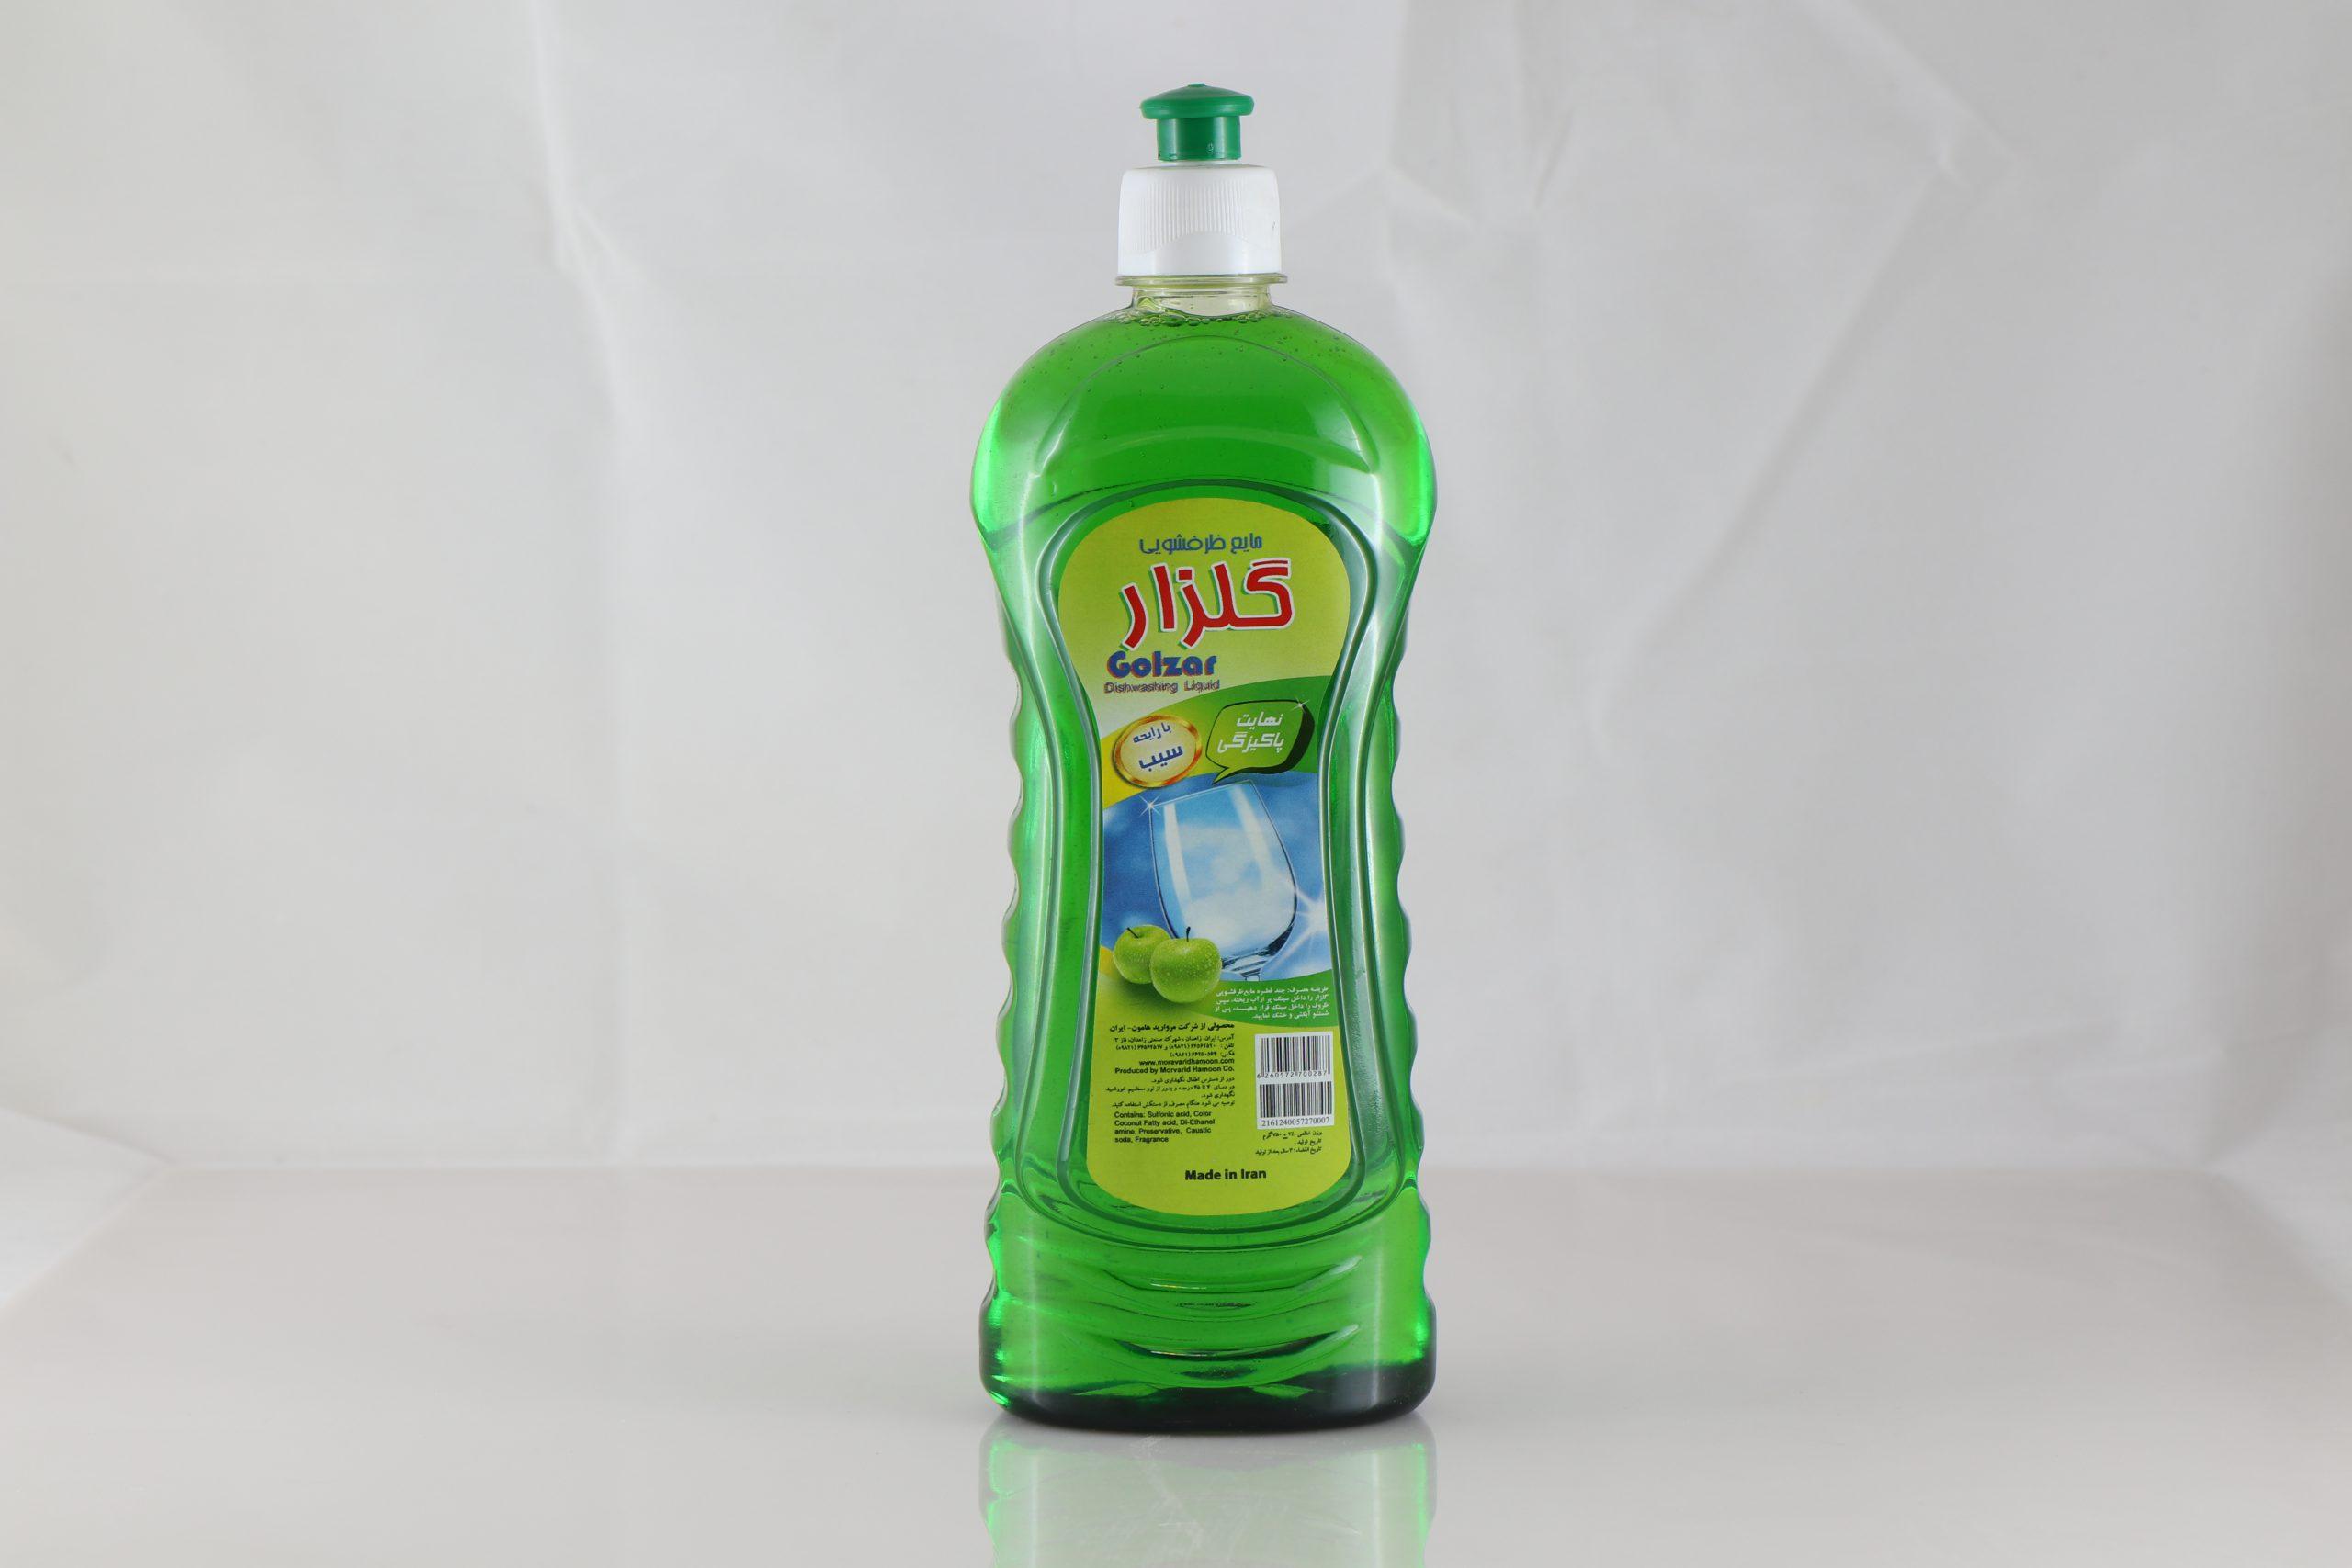 مایع ظرفشویی گلزار